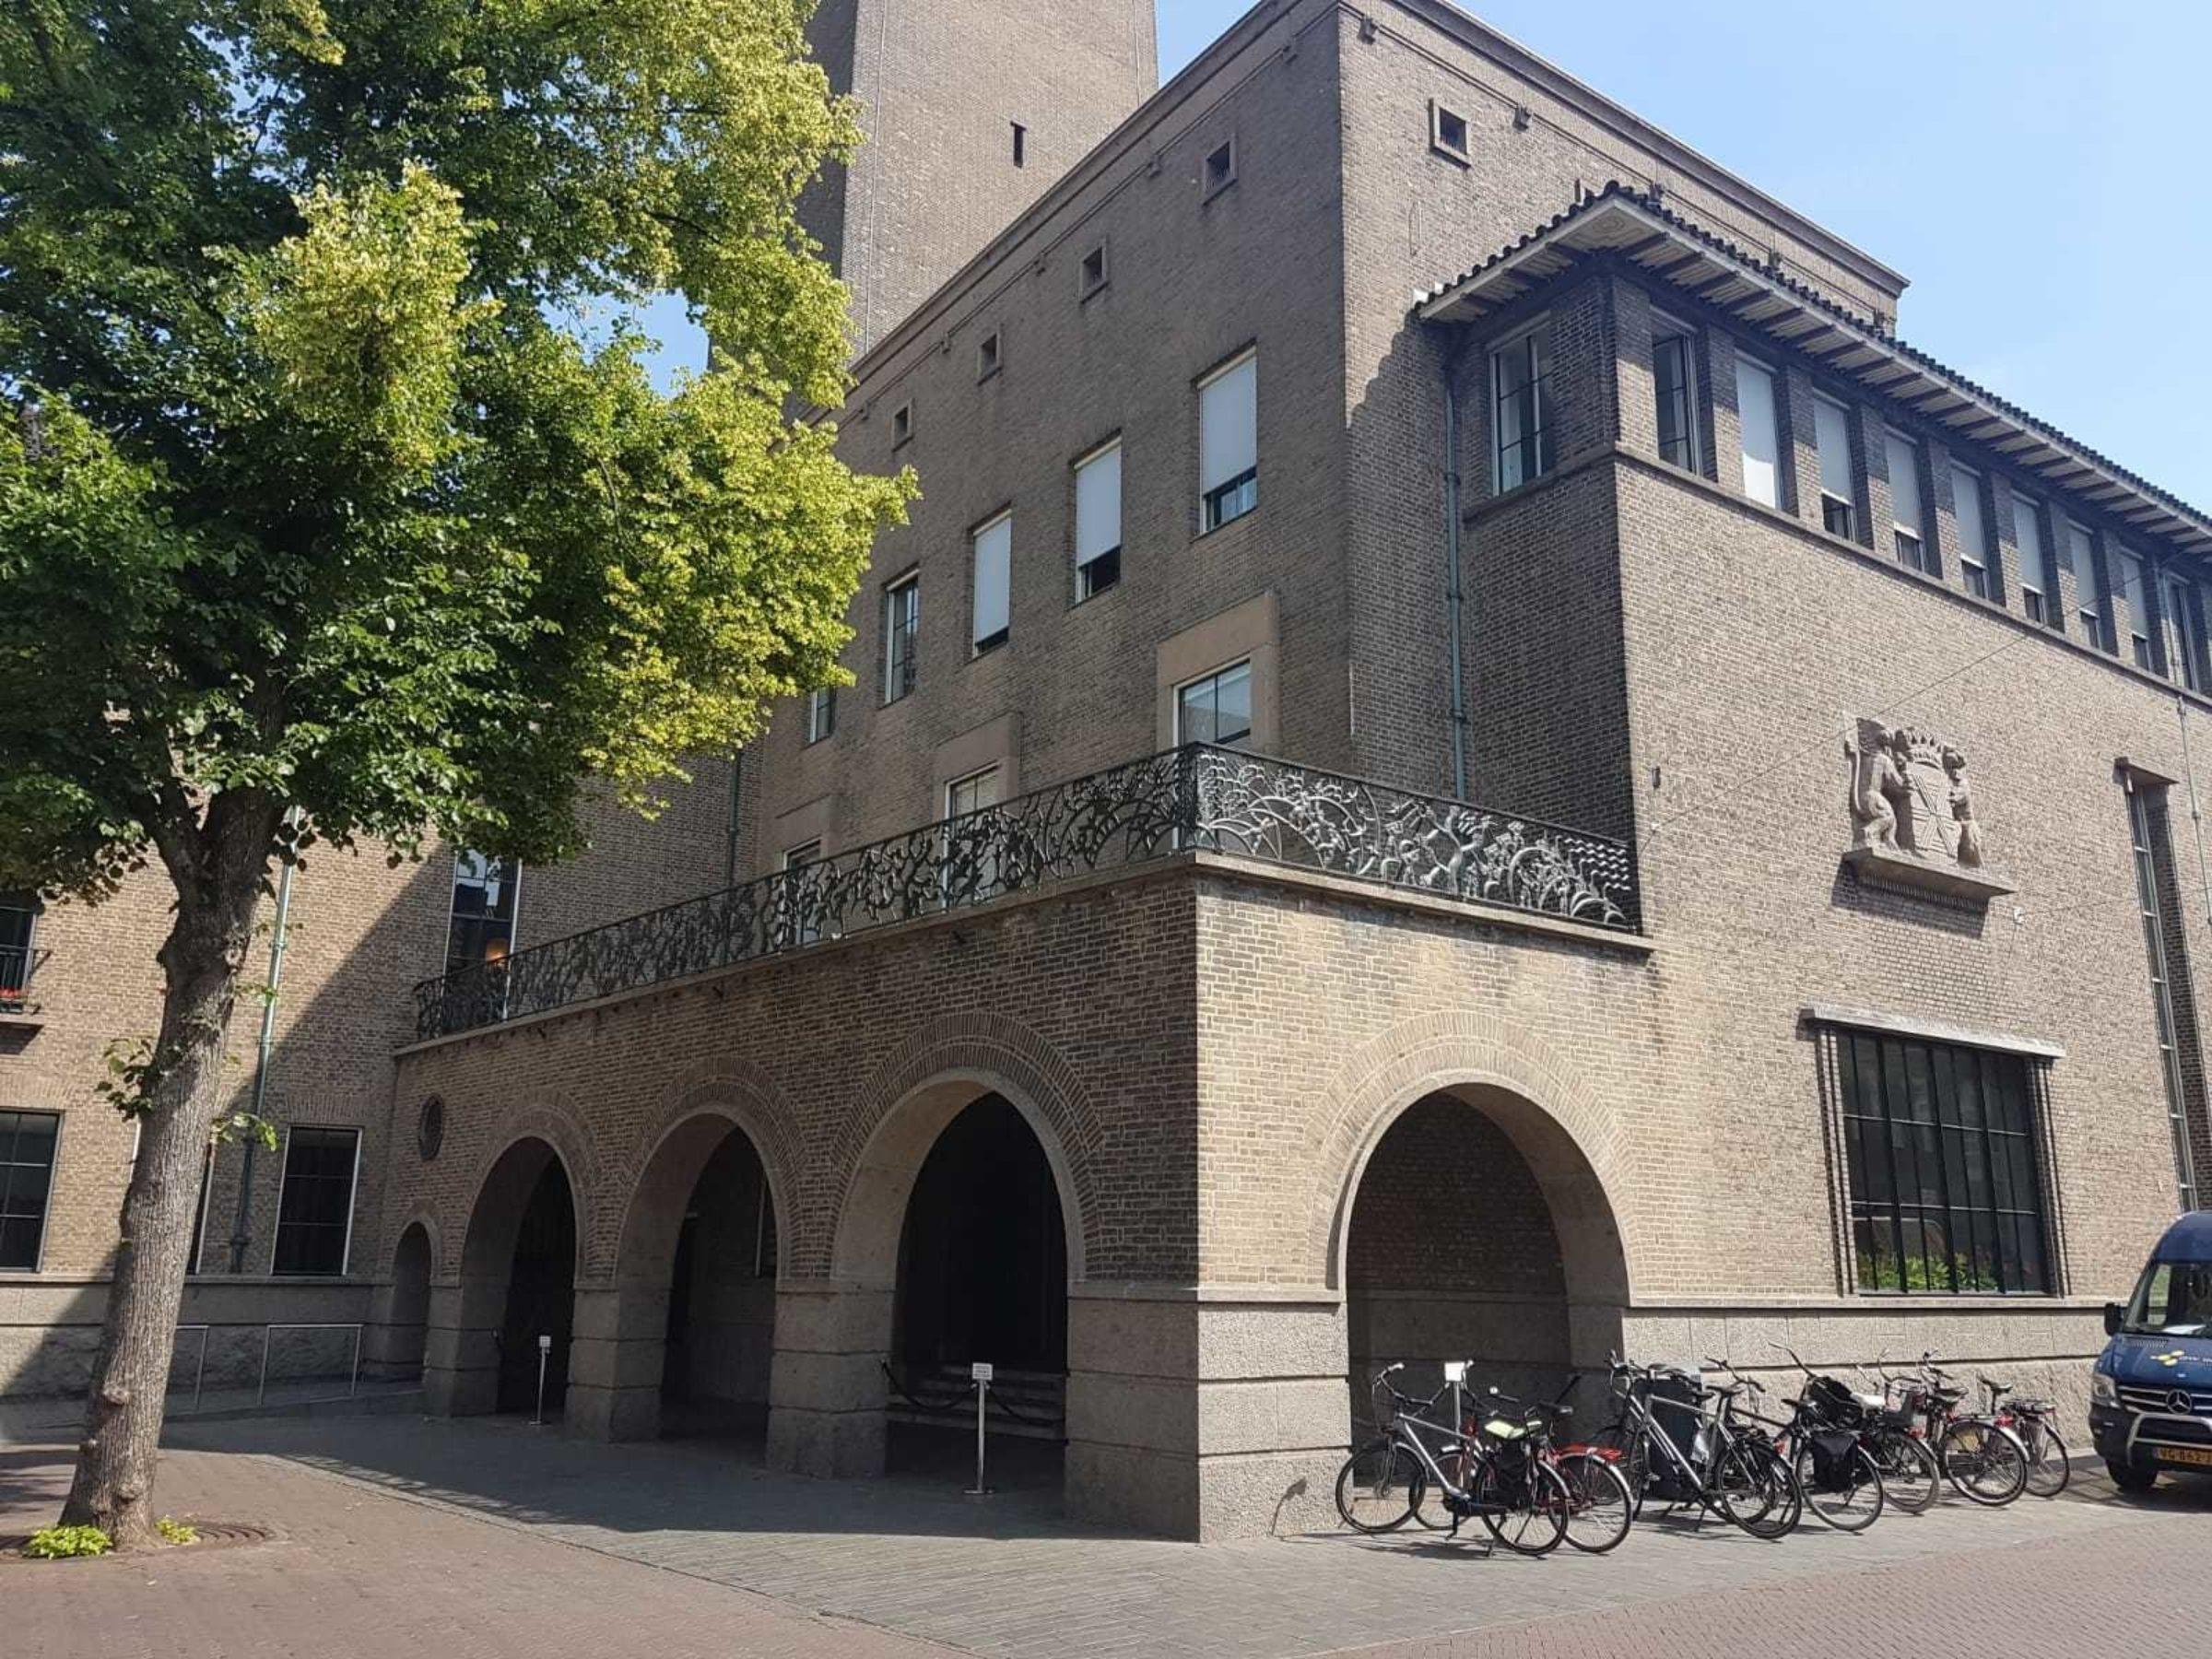 2019 Stadhuis Balkon Balkonroute 1